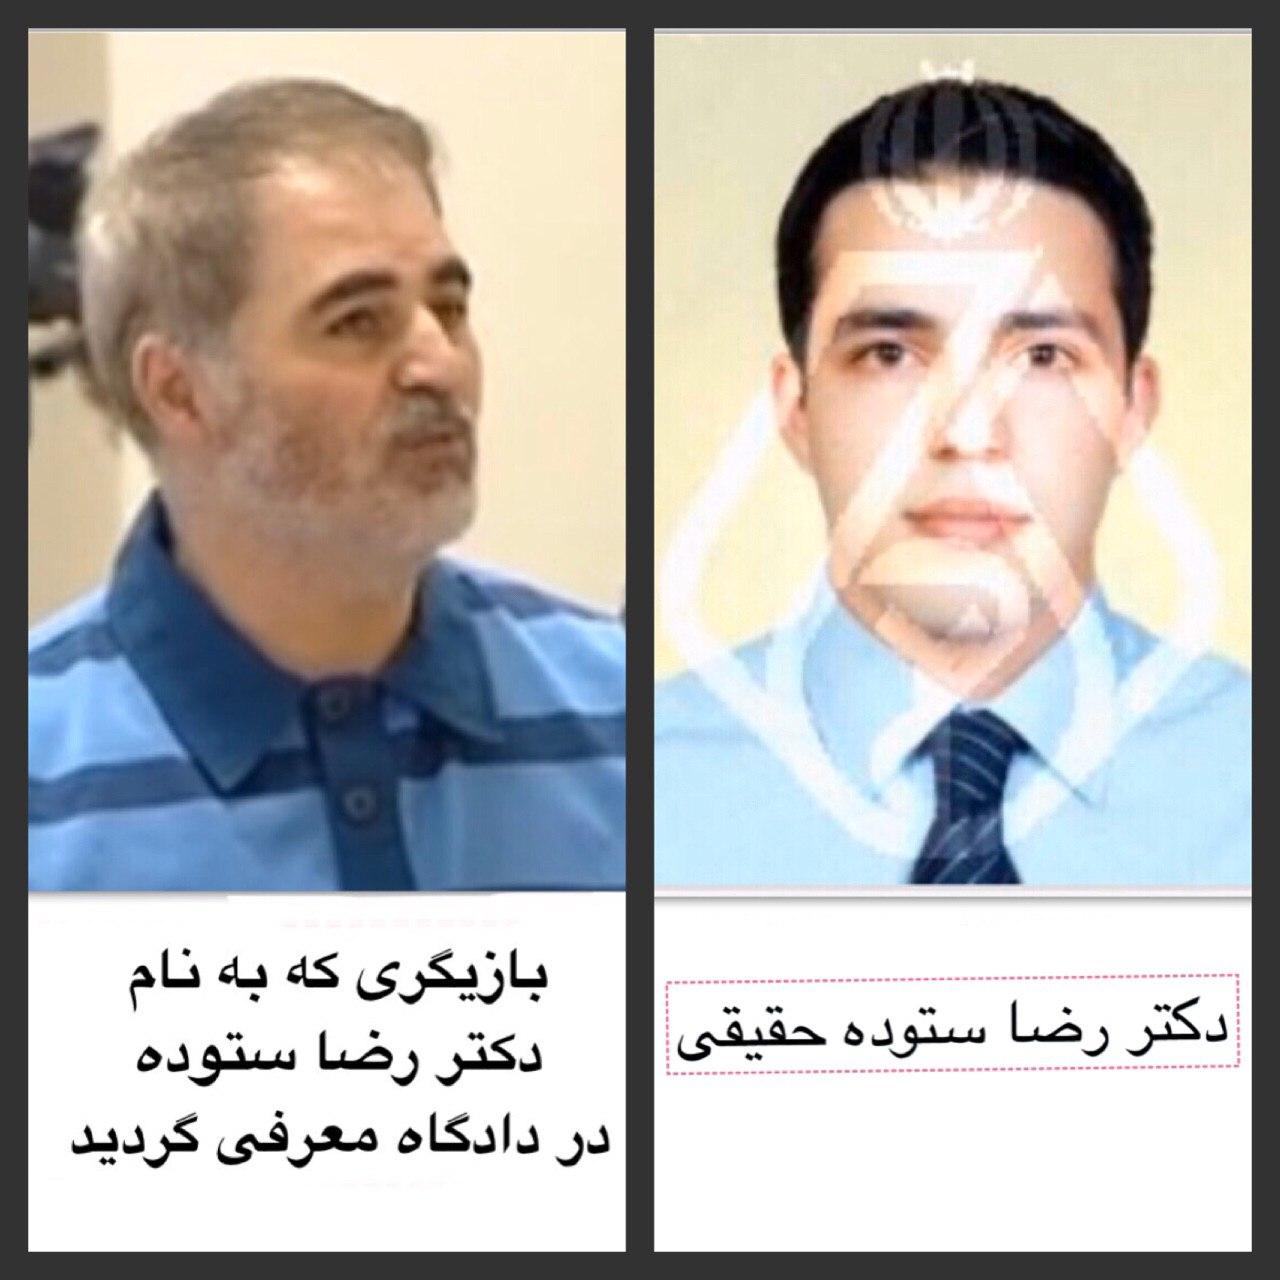 ❌ دادگاه محاکمه چند محتکر خرده … 871513001583599804